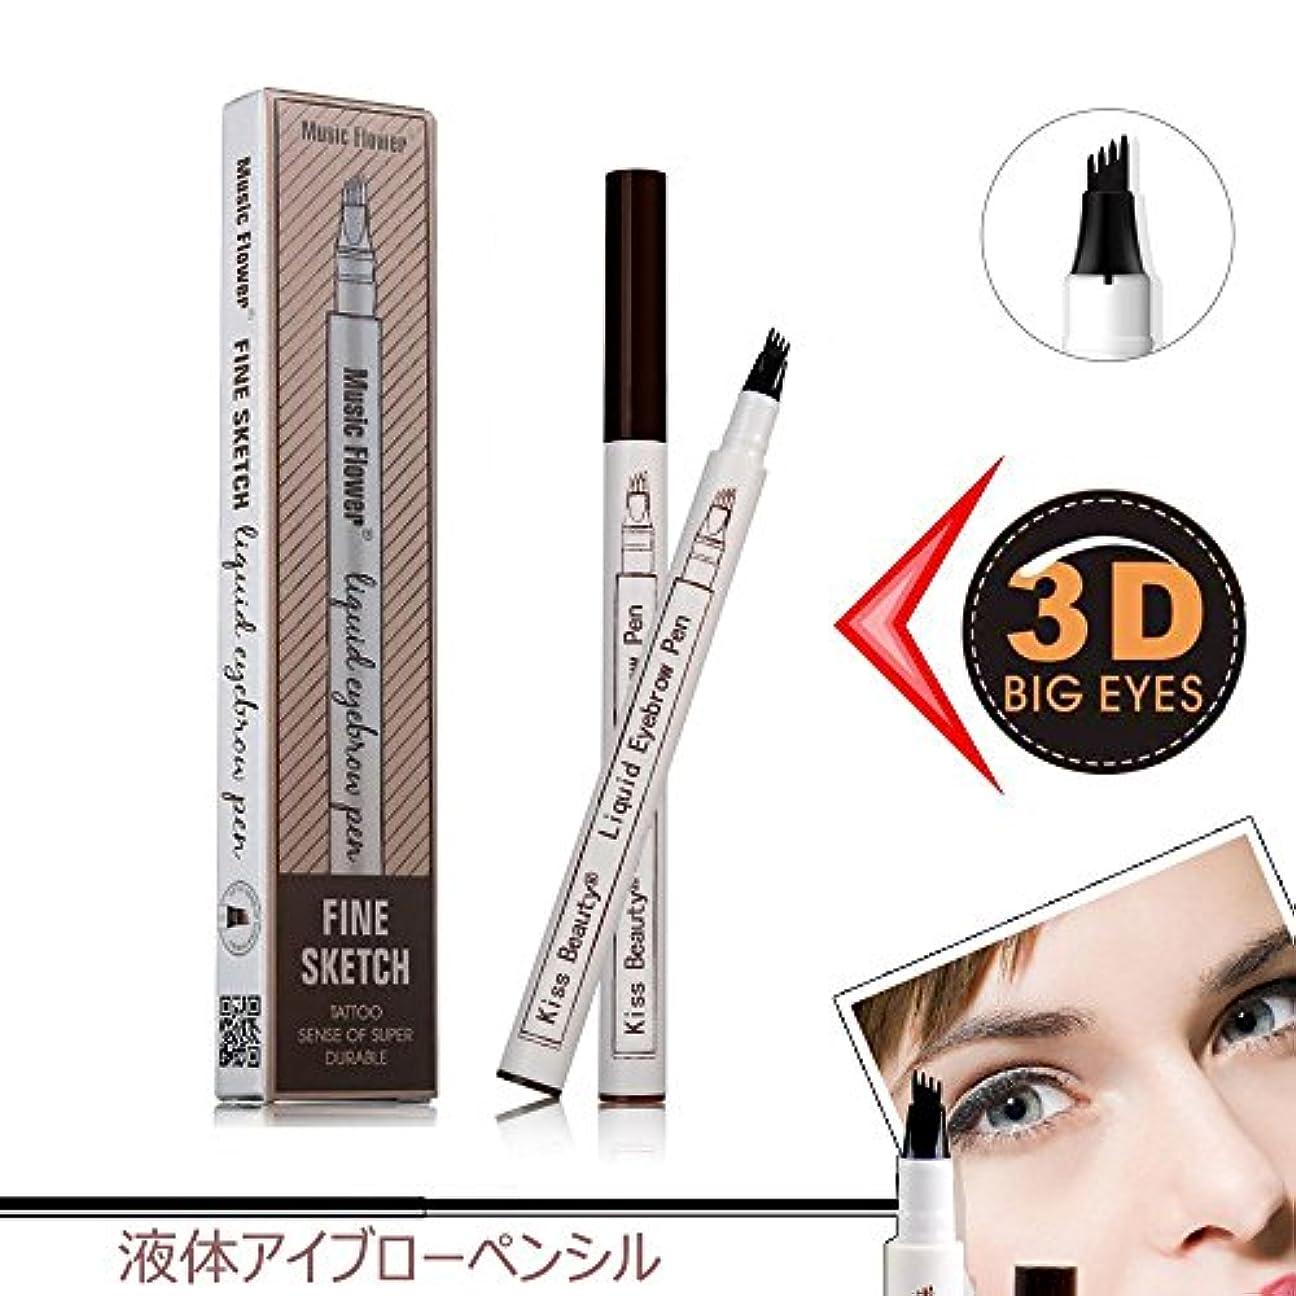 教会決してアレキサンダーグラハムベル最新 防水 耐汗性 4つのニブ タトゥー眉ペン 長持ちする眉毛ペン 液体 アイブロウペンシル 自然 3D アイブロウ 使用するのは簡単